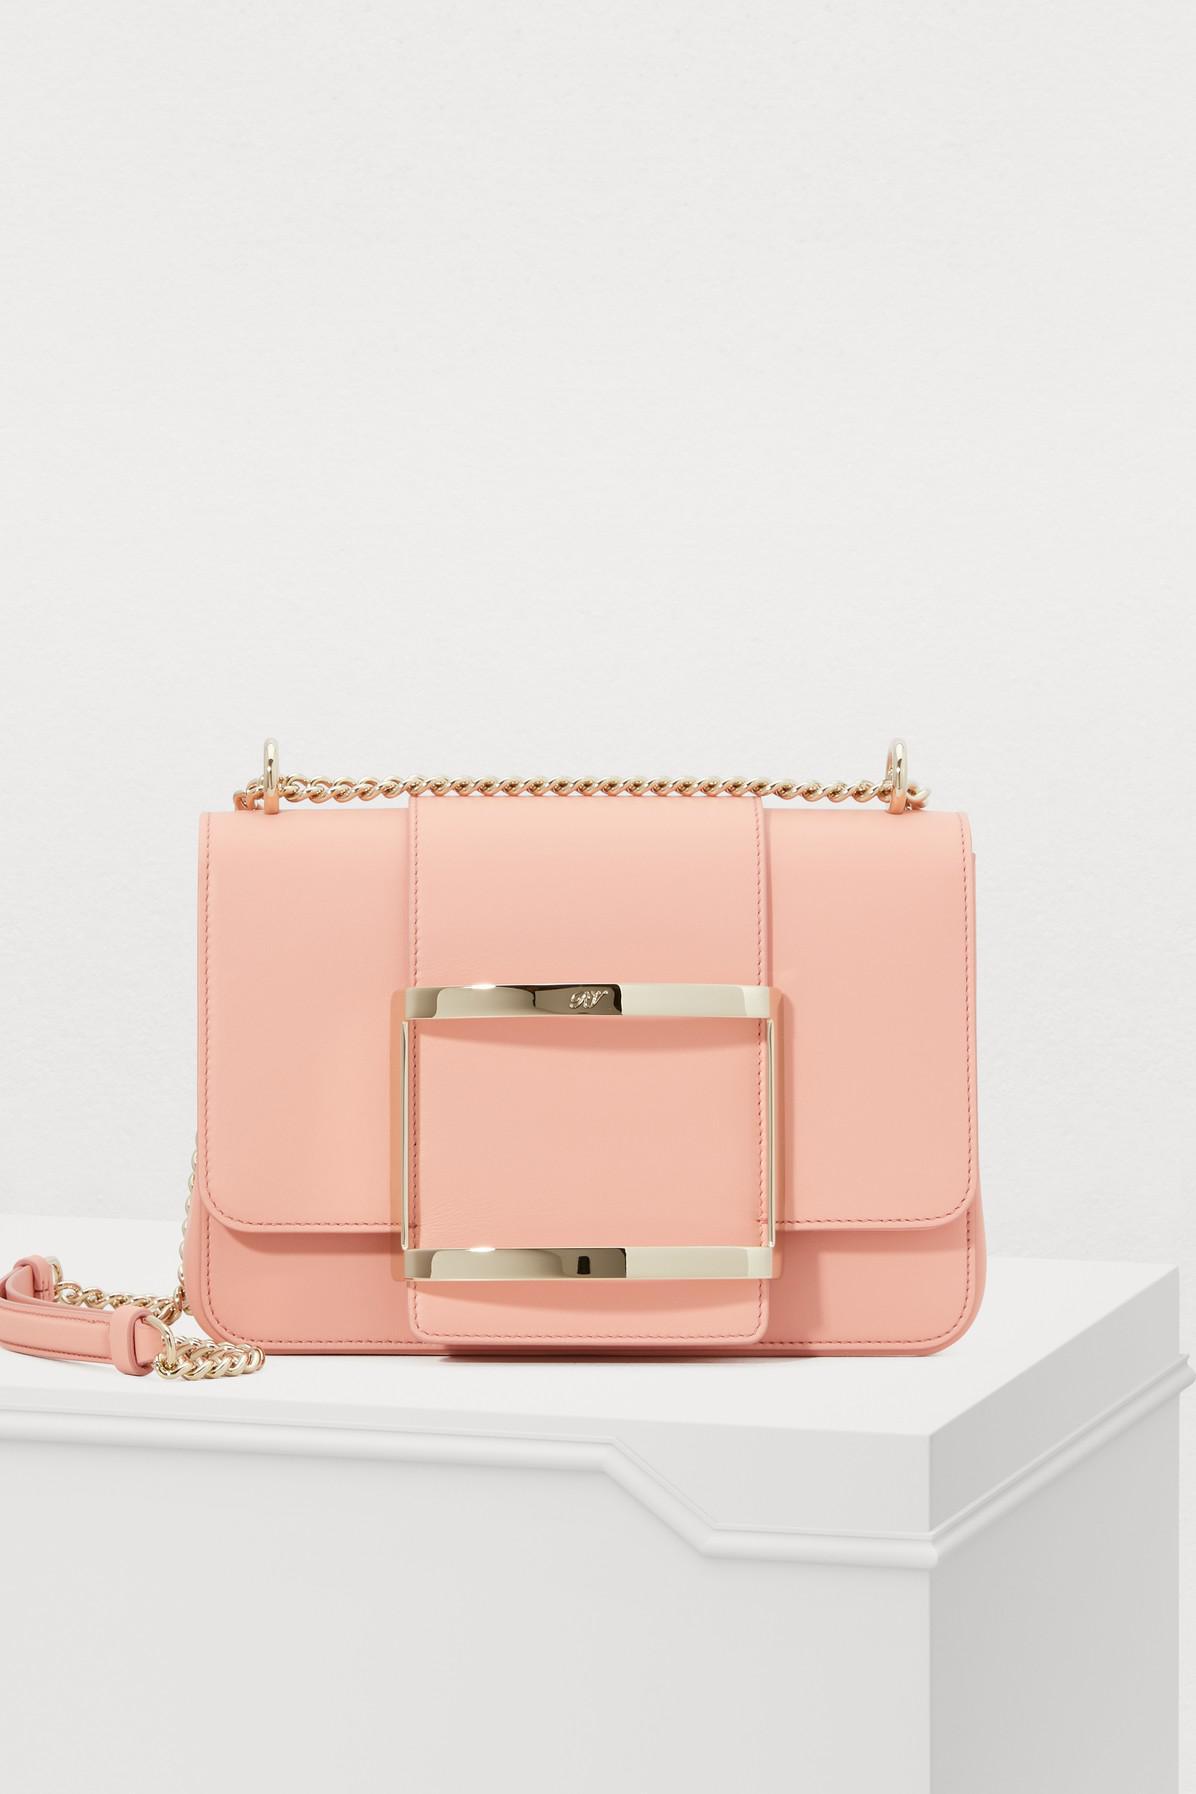 d5947eb5ca0f Roger Vivier Très Vivier Small Shoulder Bag in Pink - Lyst